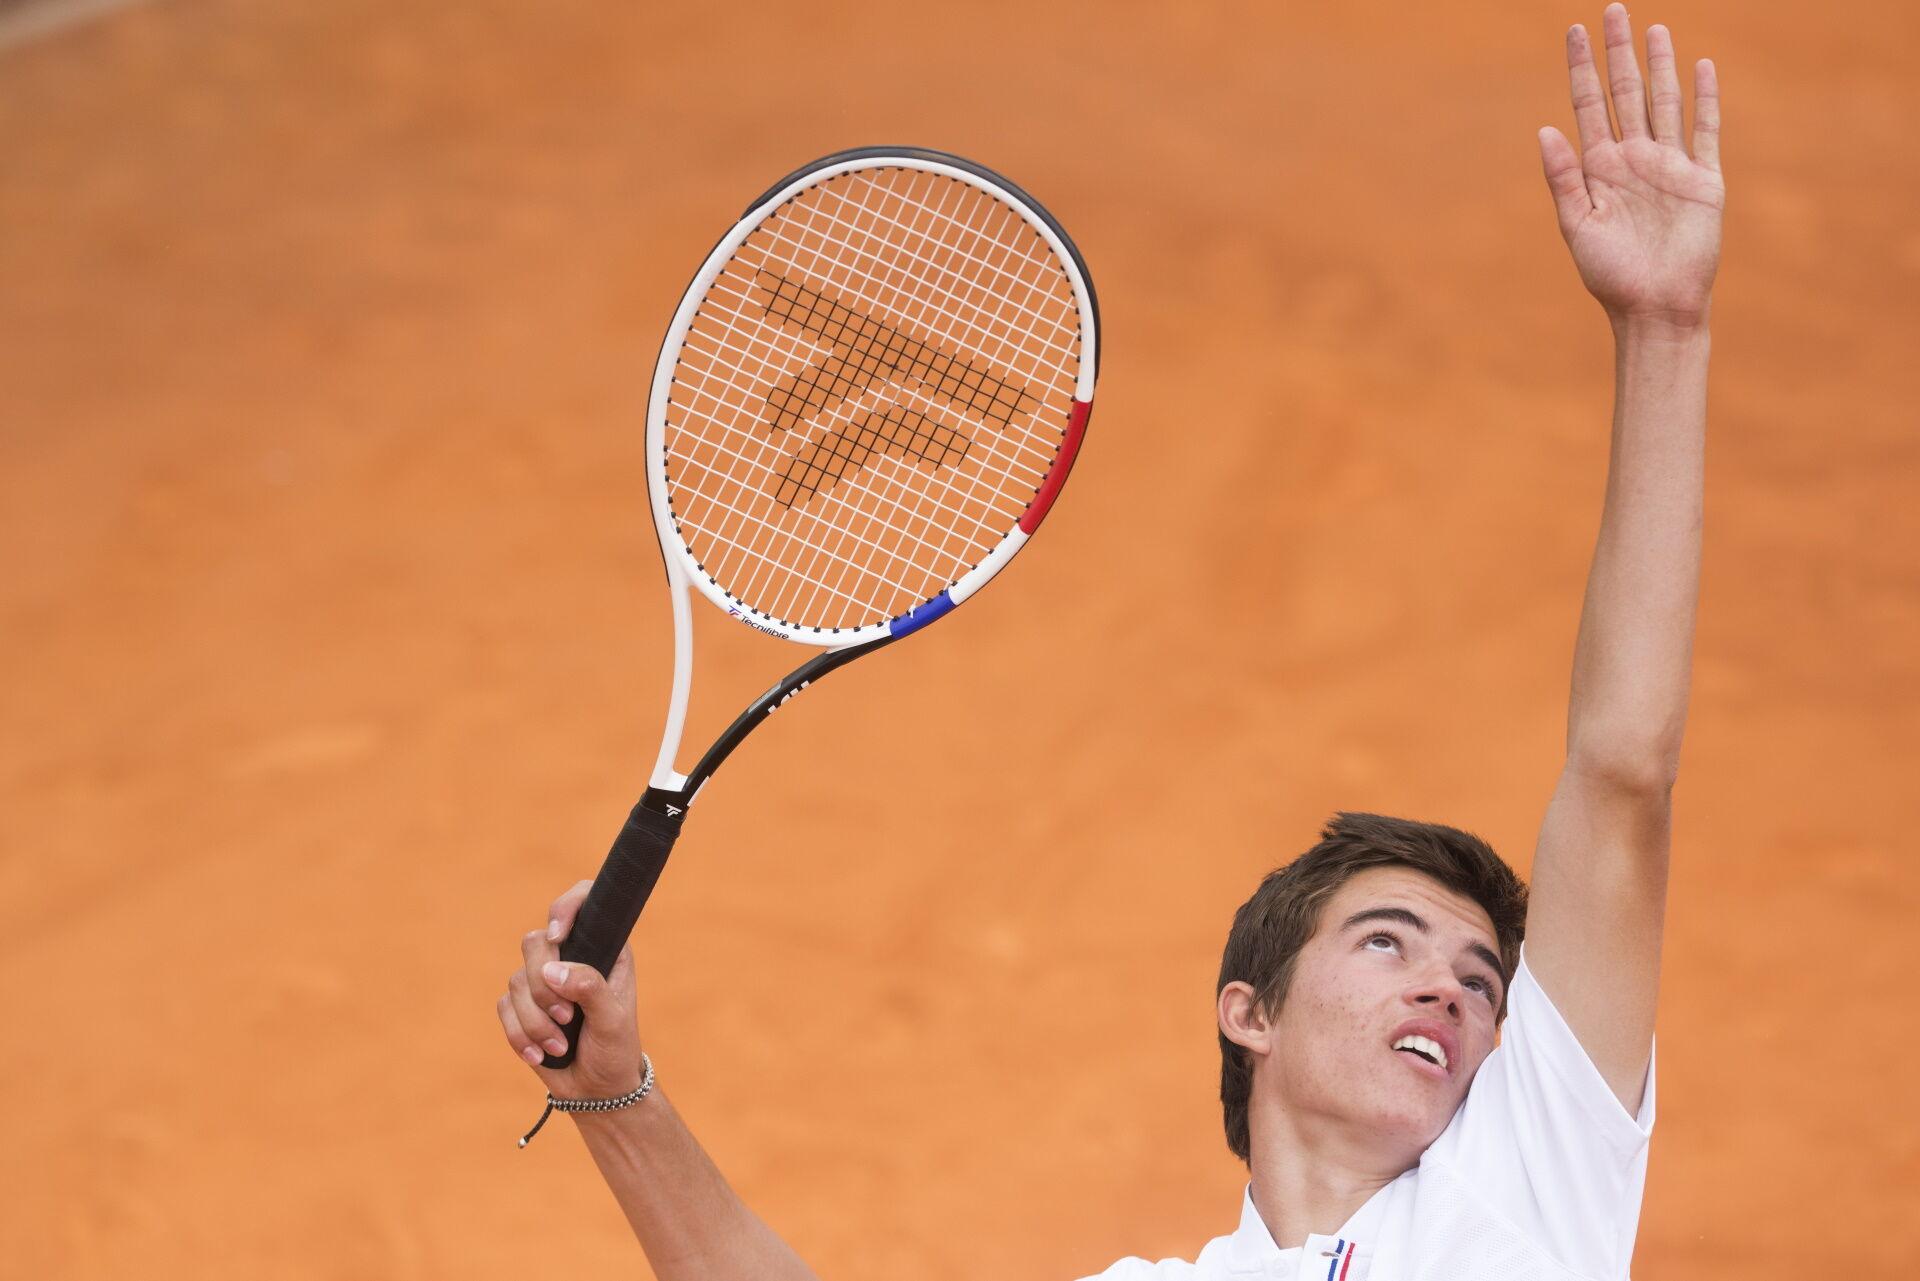 Tecnifibre TF40 teniszütő